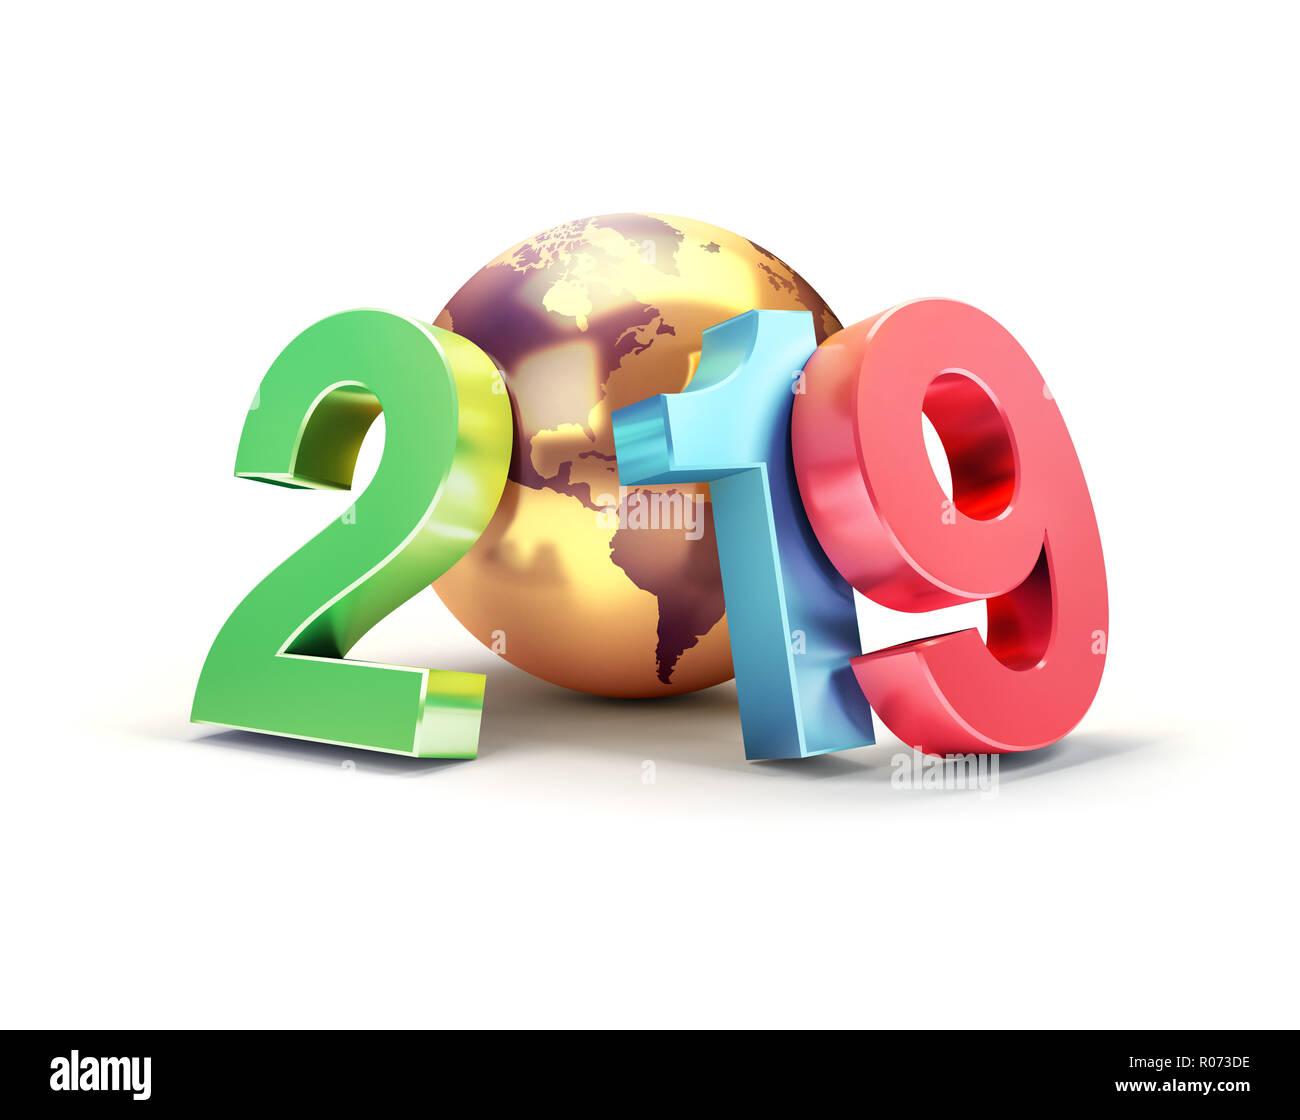 2019 Año Nuevo número fecha colorido compuesto con un planeta tierra de oro, centrado en los Estados Unidos, aislado en blanco - Ilustración 3D Foto de stock